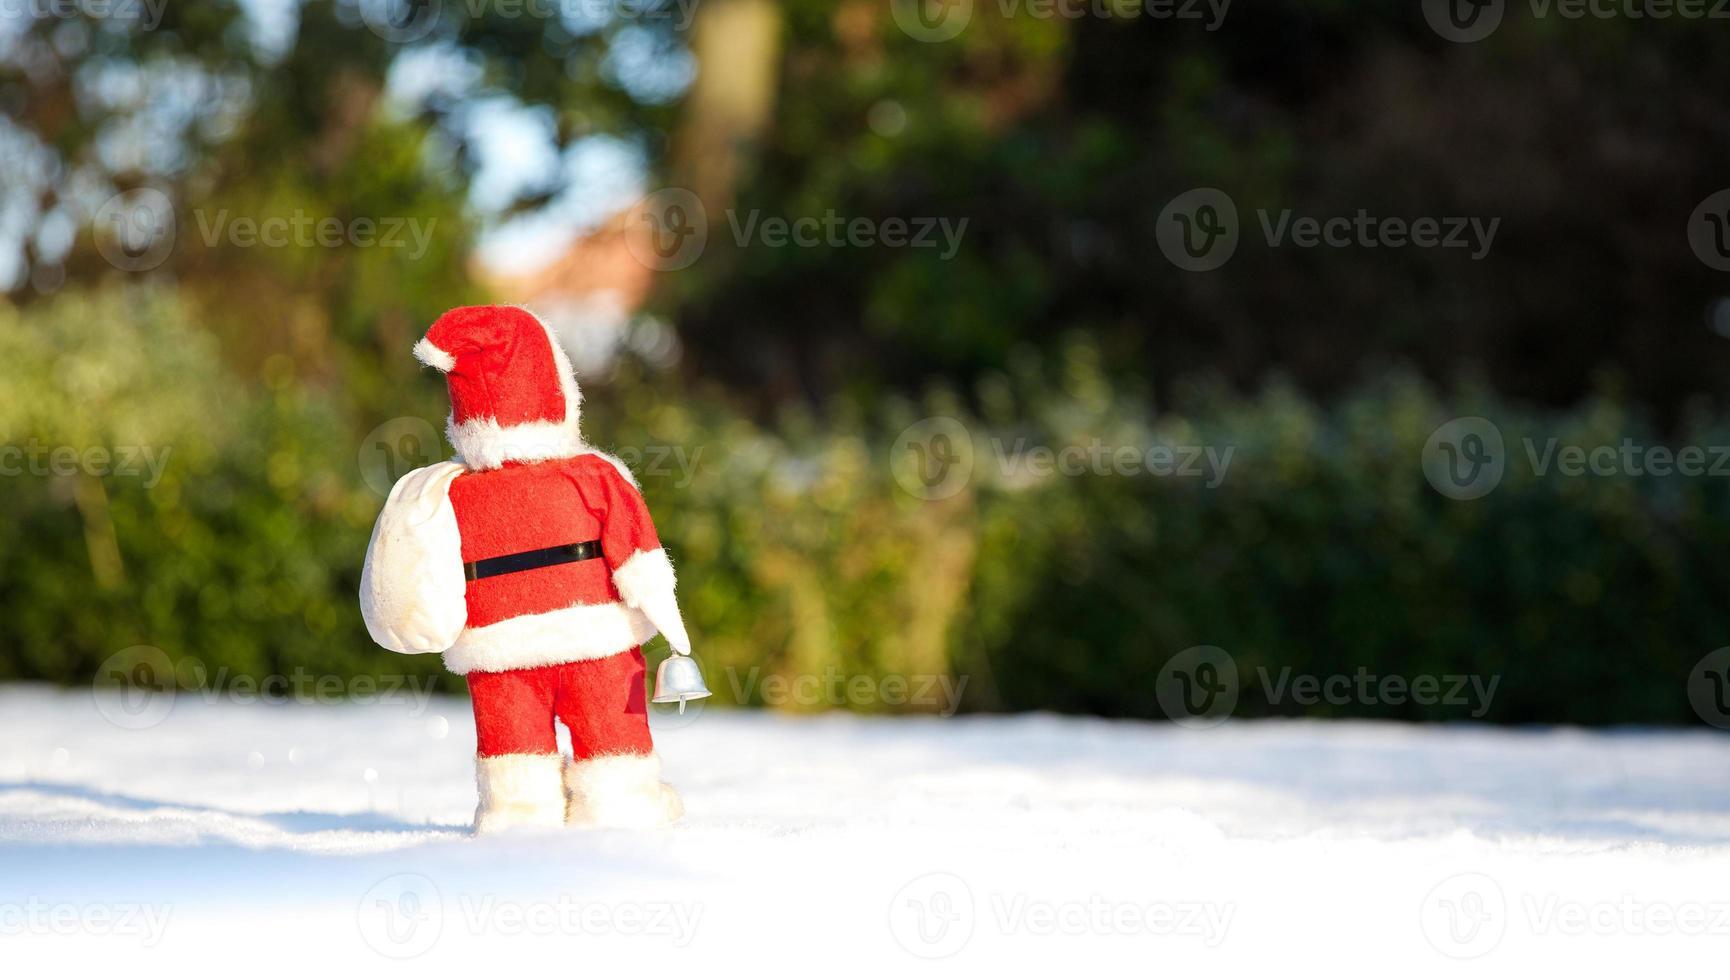 Kerstmis is voorbij, de kerstman loopt weer een jaar weg! foto